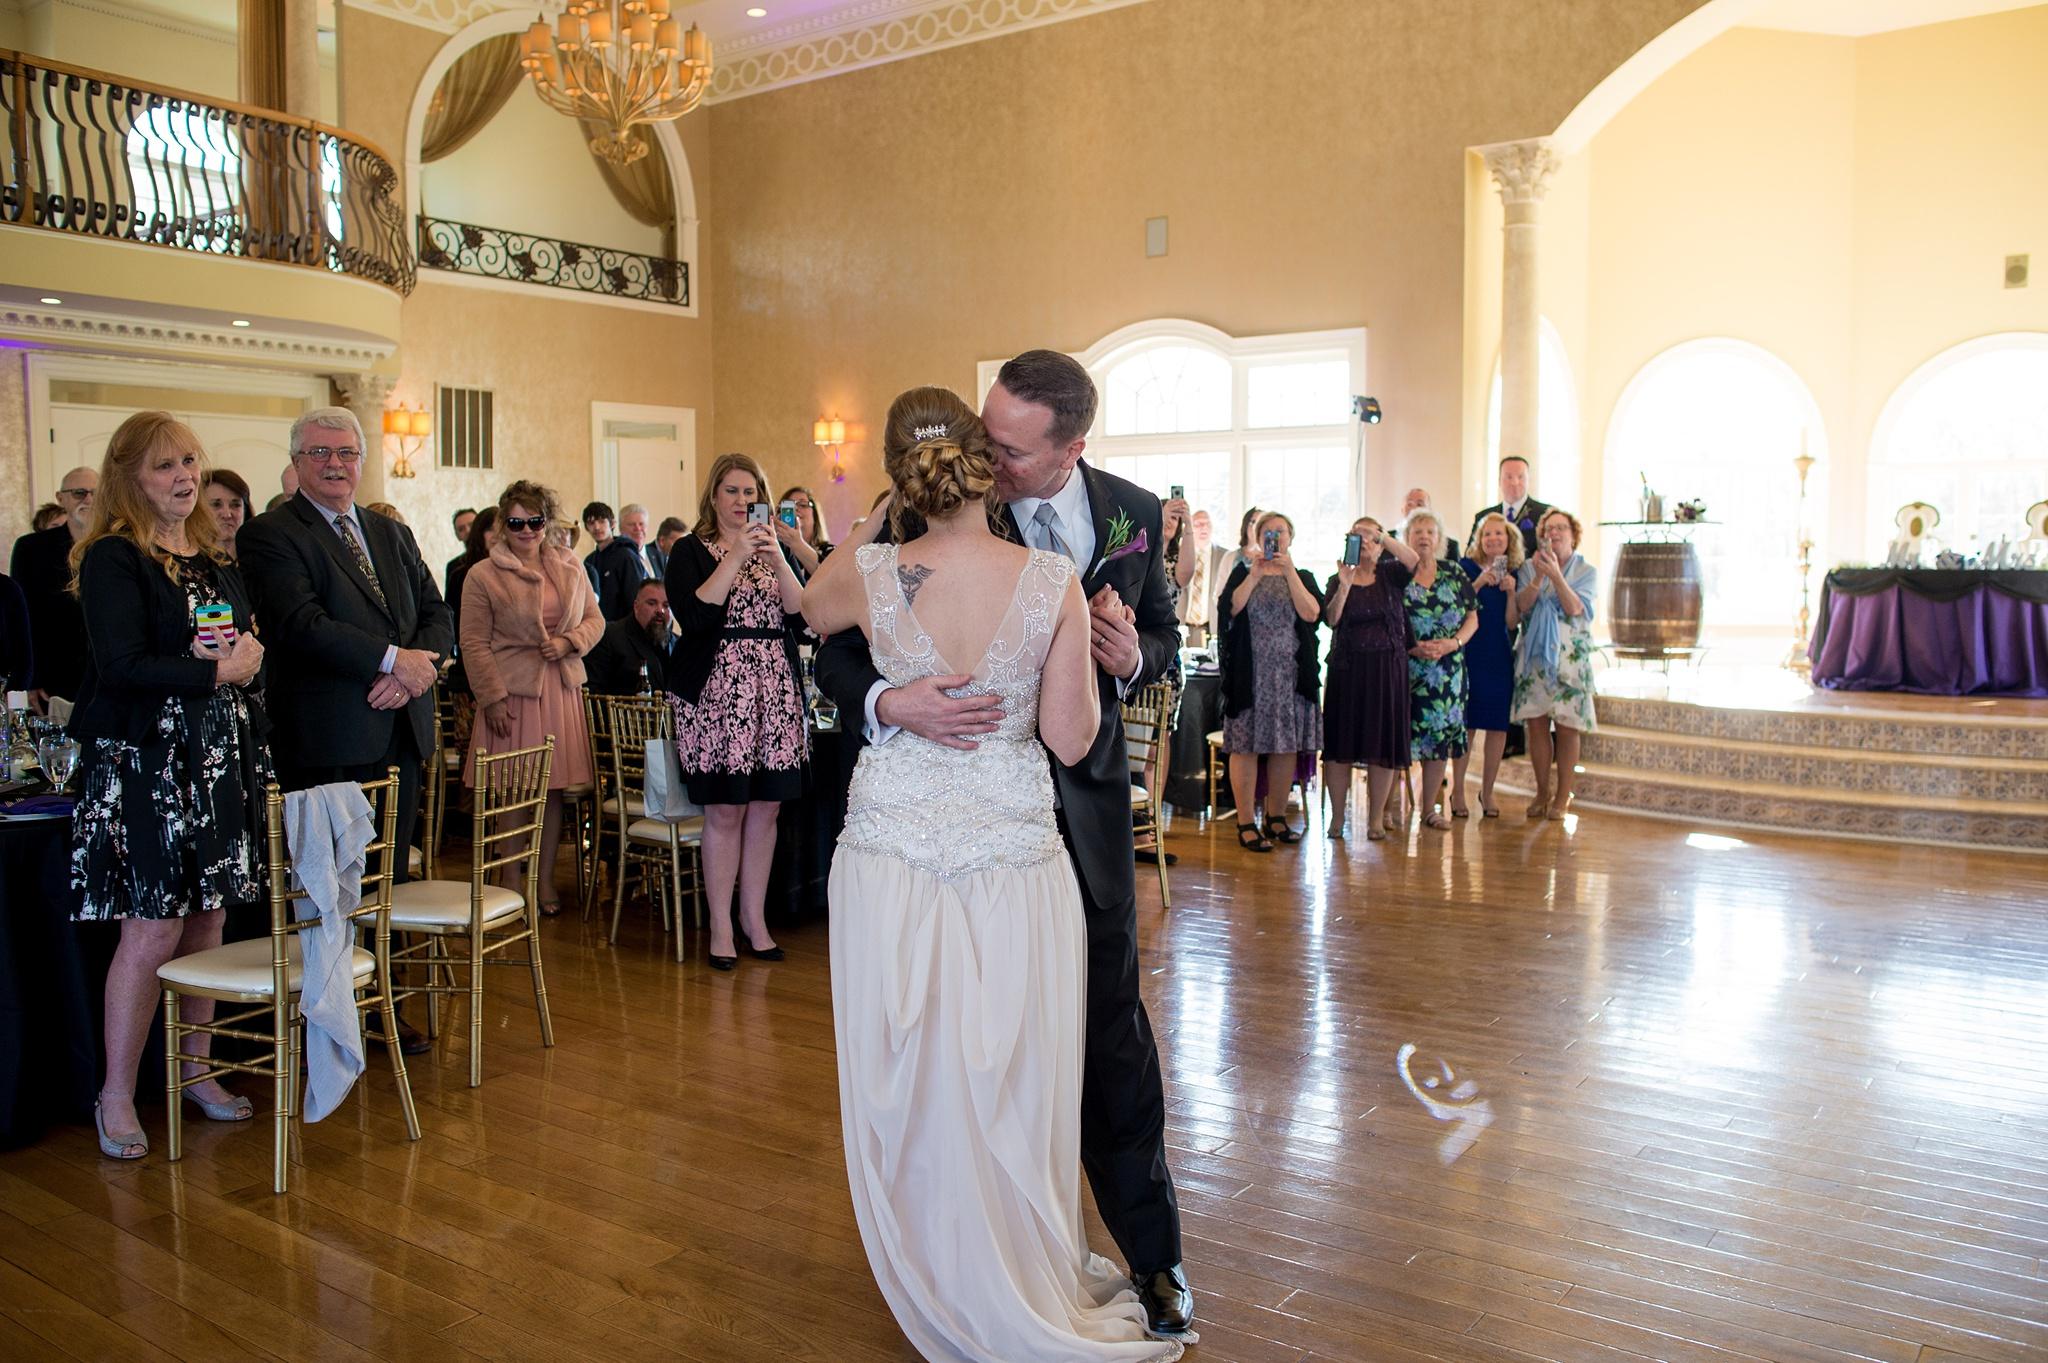 KelliandJohn.Married-604.jpg